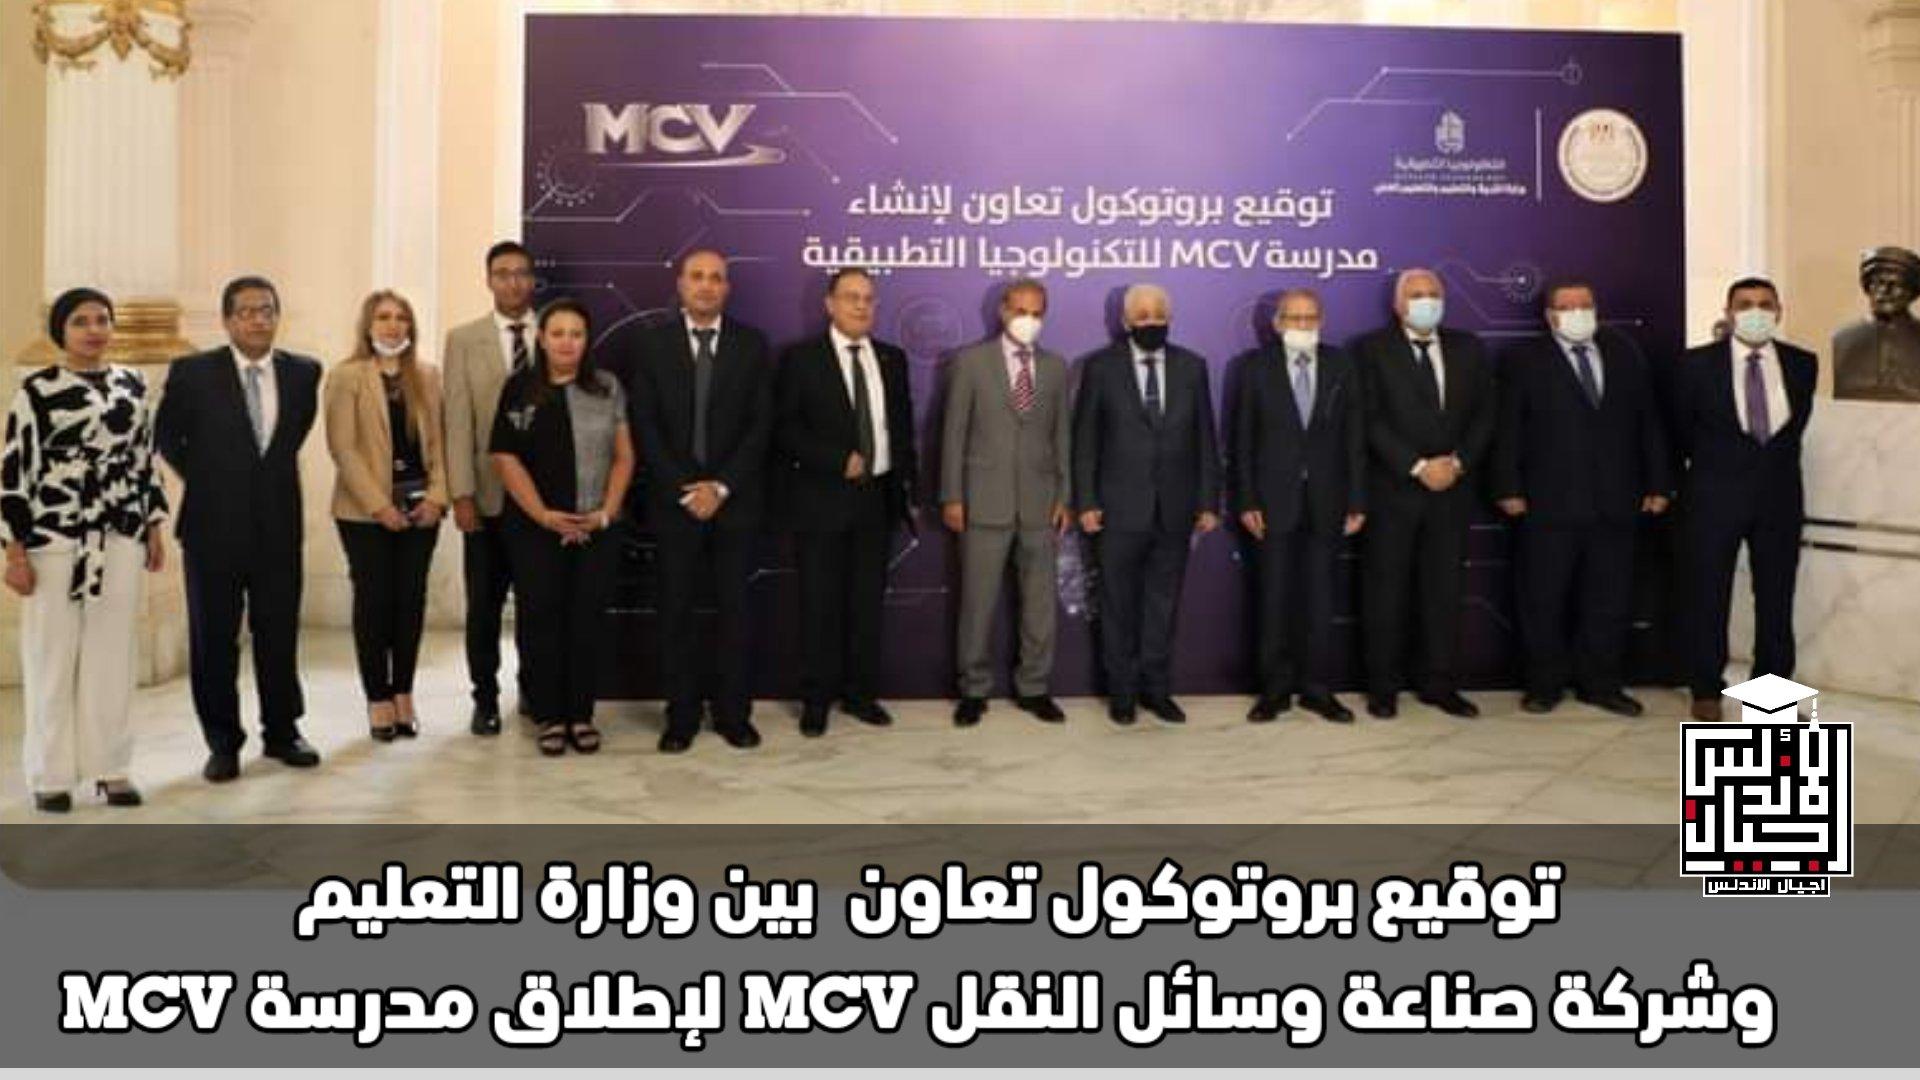 توقيع بروتوكول تعاون مشترك بين وزارة التعليم وشركة صناعة وسائل النقل MCV لإطلاق مدرسة MCV   اجيال الاندلس